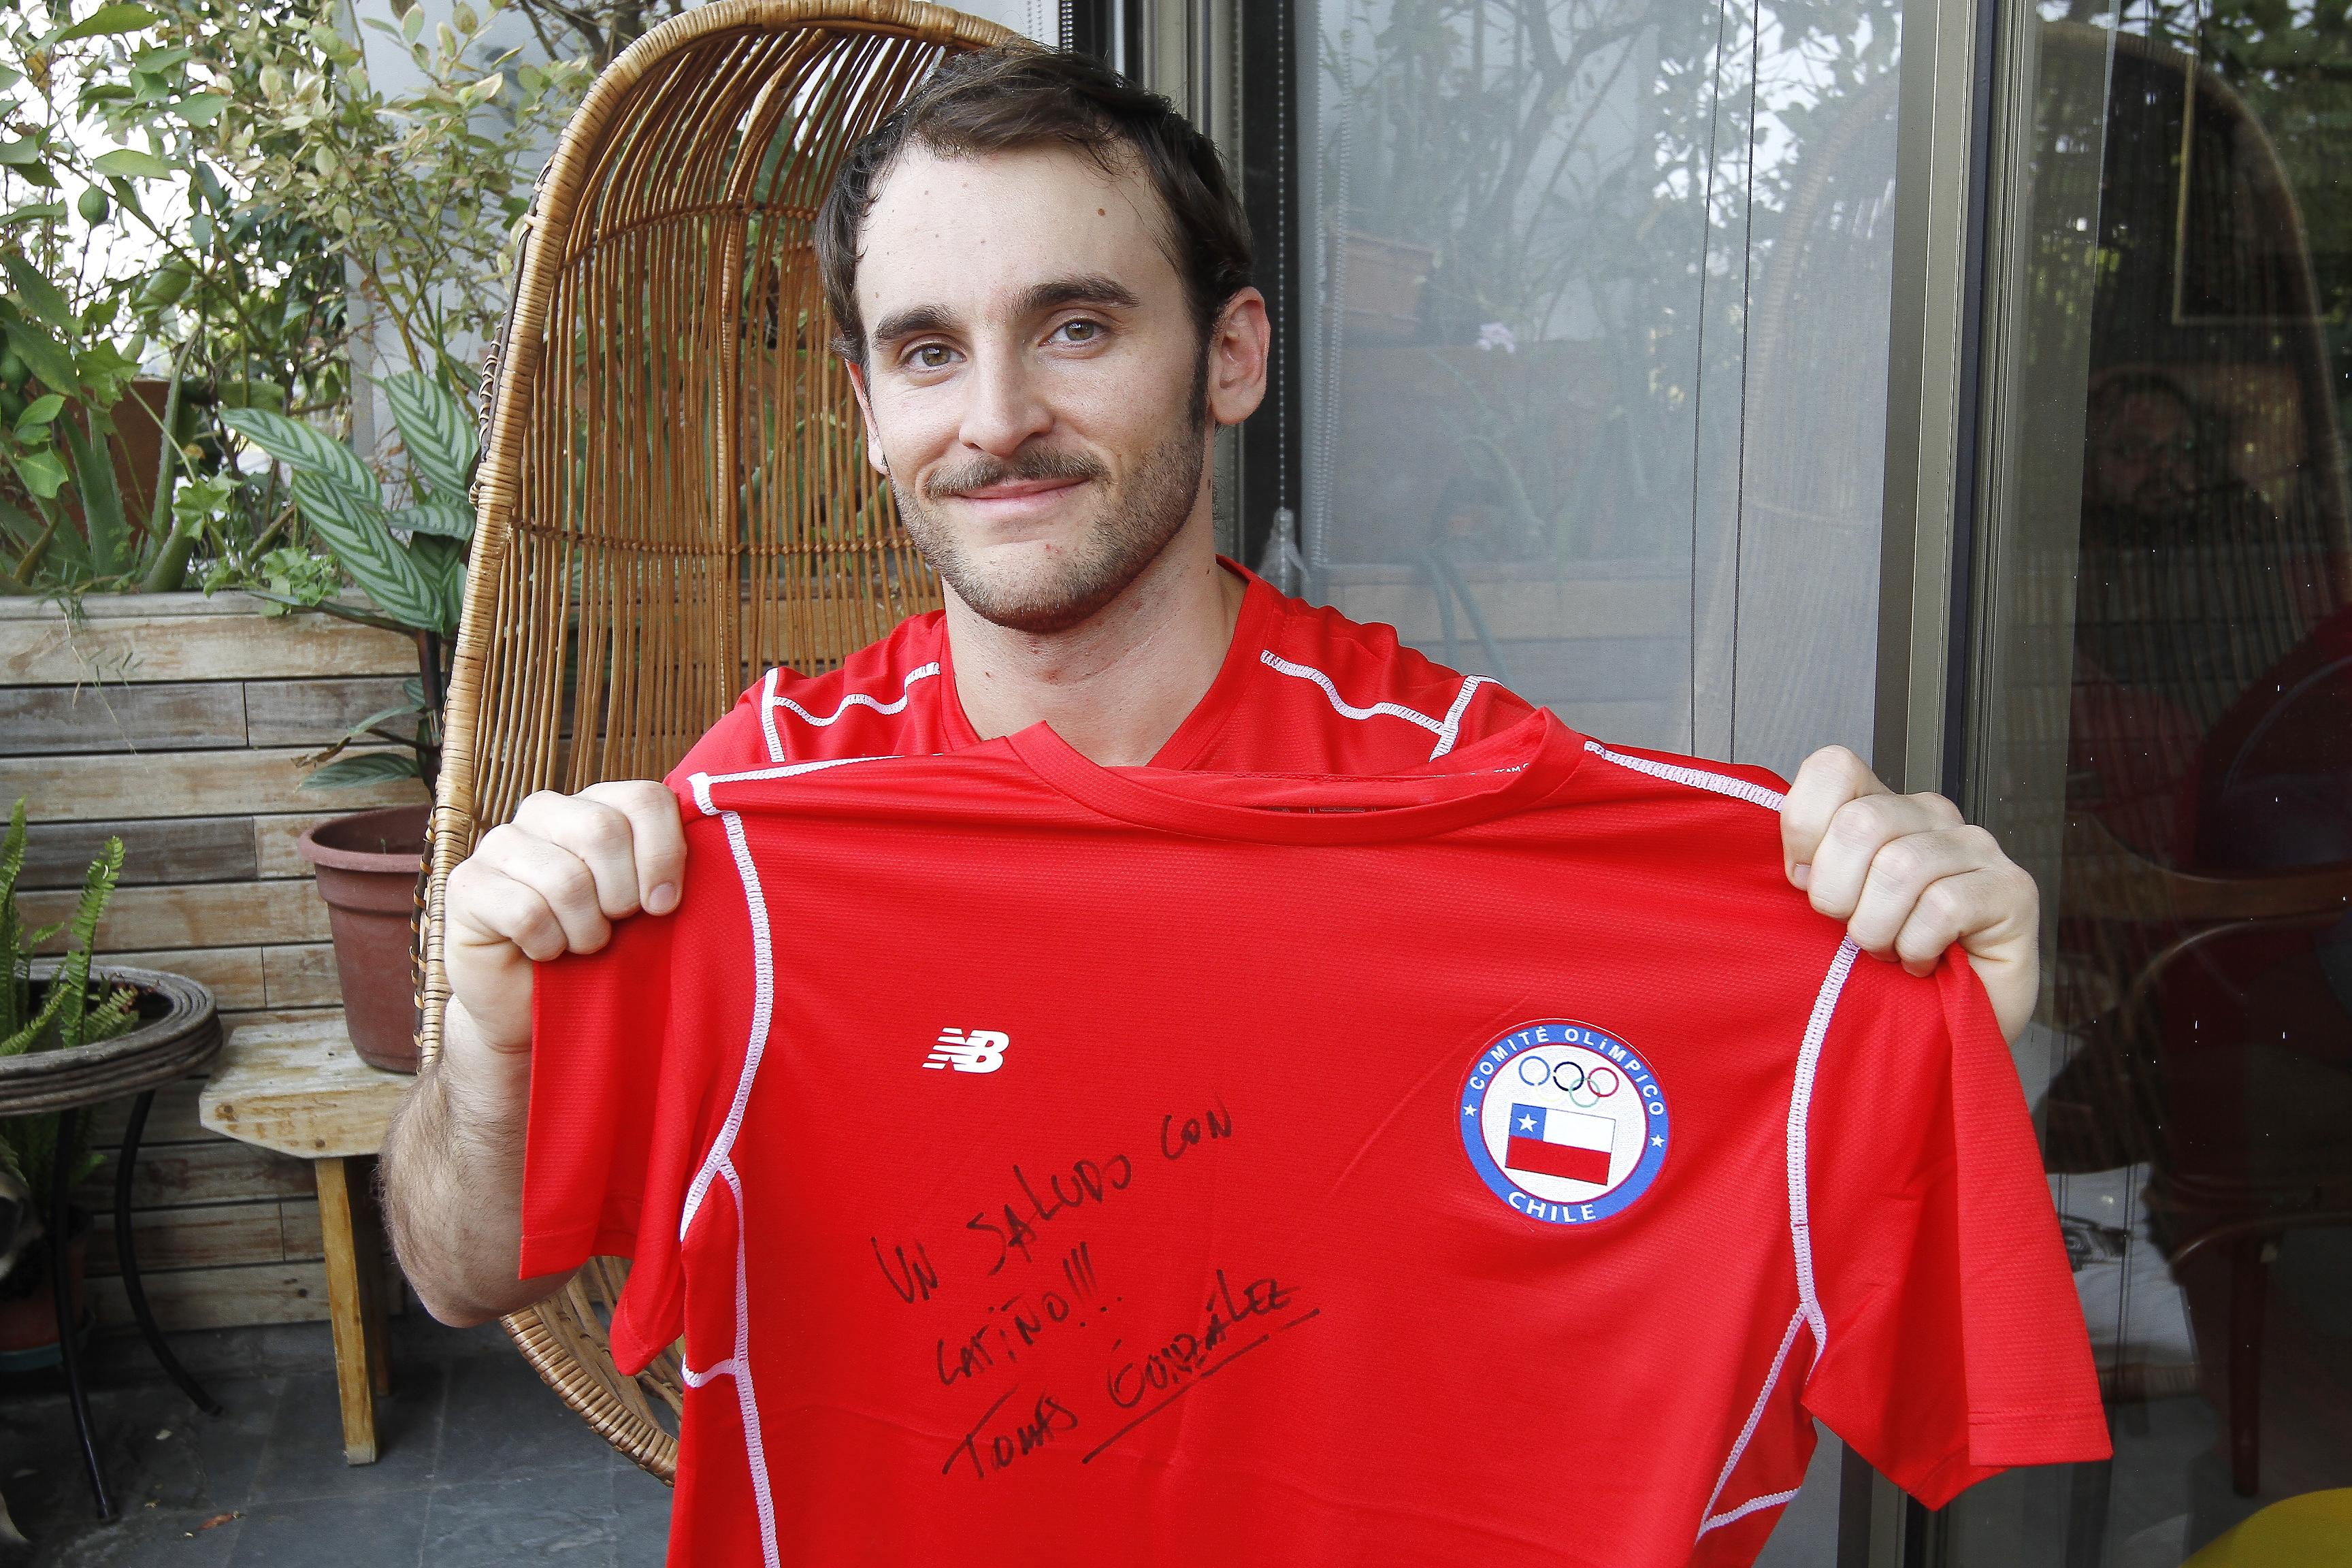 Tomás González subasta su camiseta autografiada del TEAM CHILE para ayudar a damnificados por incendios